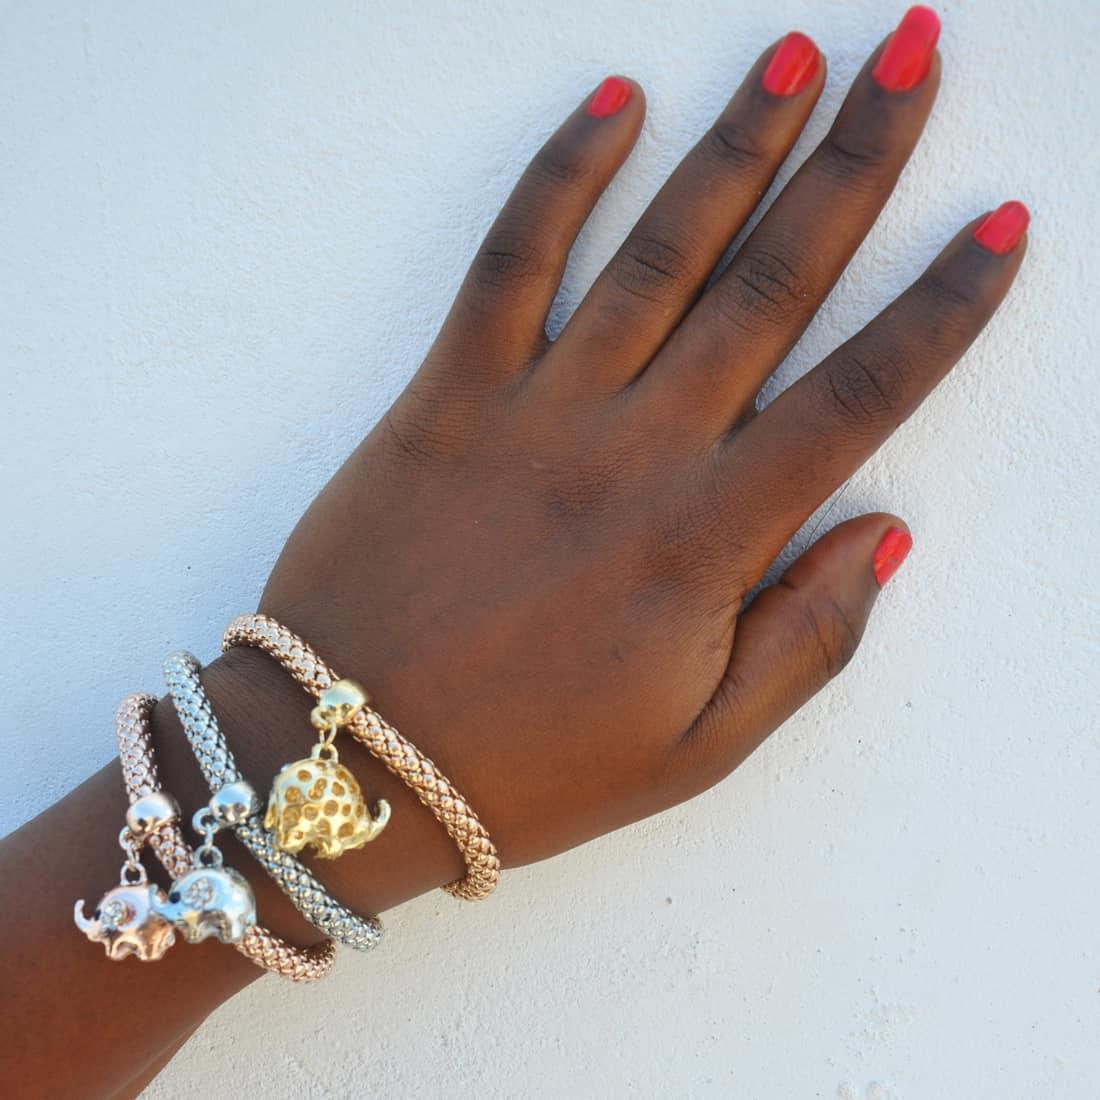 M0340 multicolor 3sty7 Jewelry Accessories Bracelets maureens.com boutique